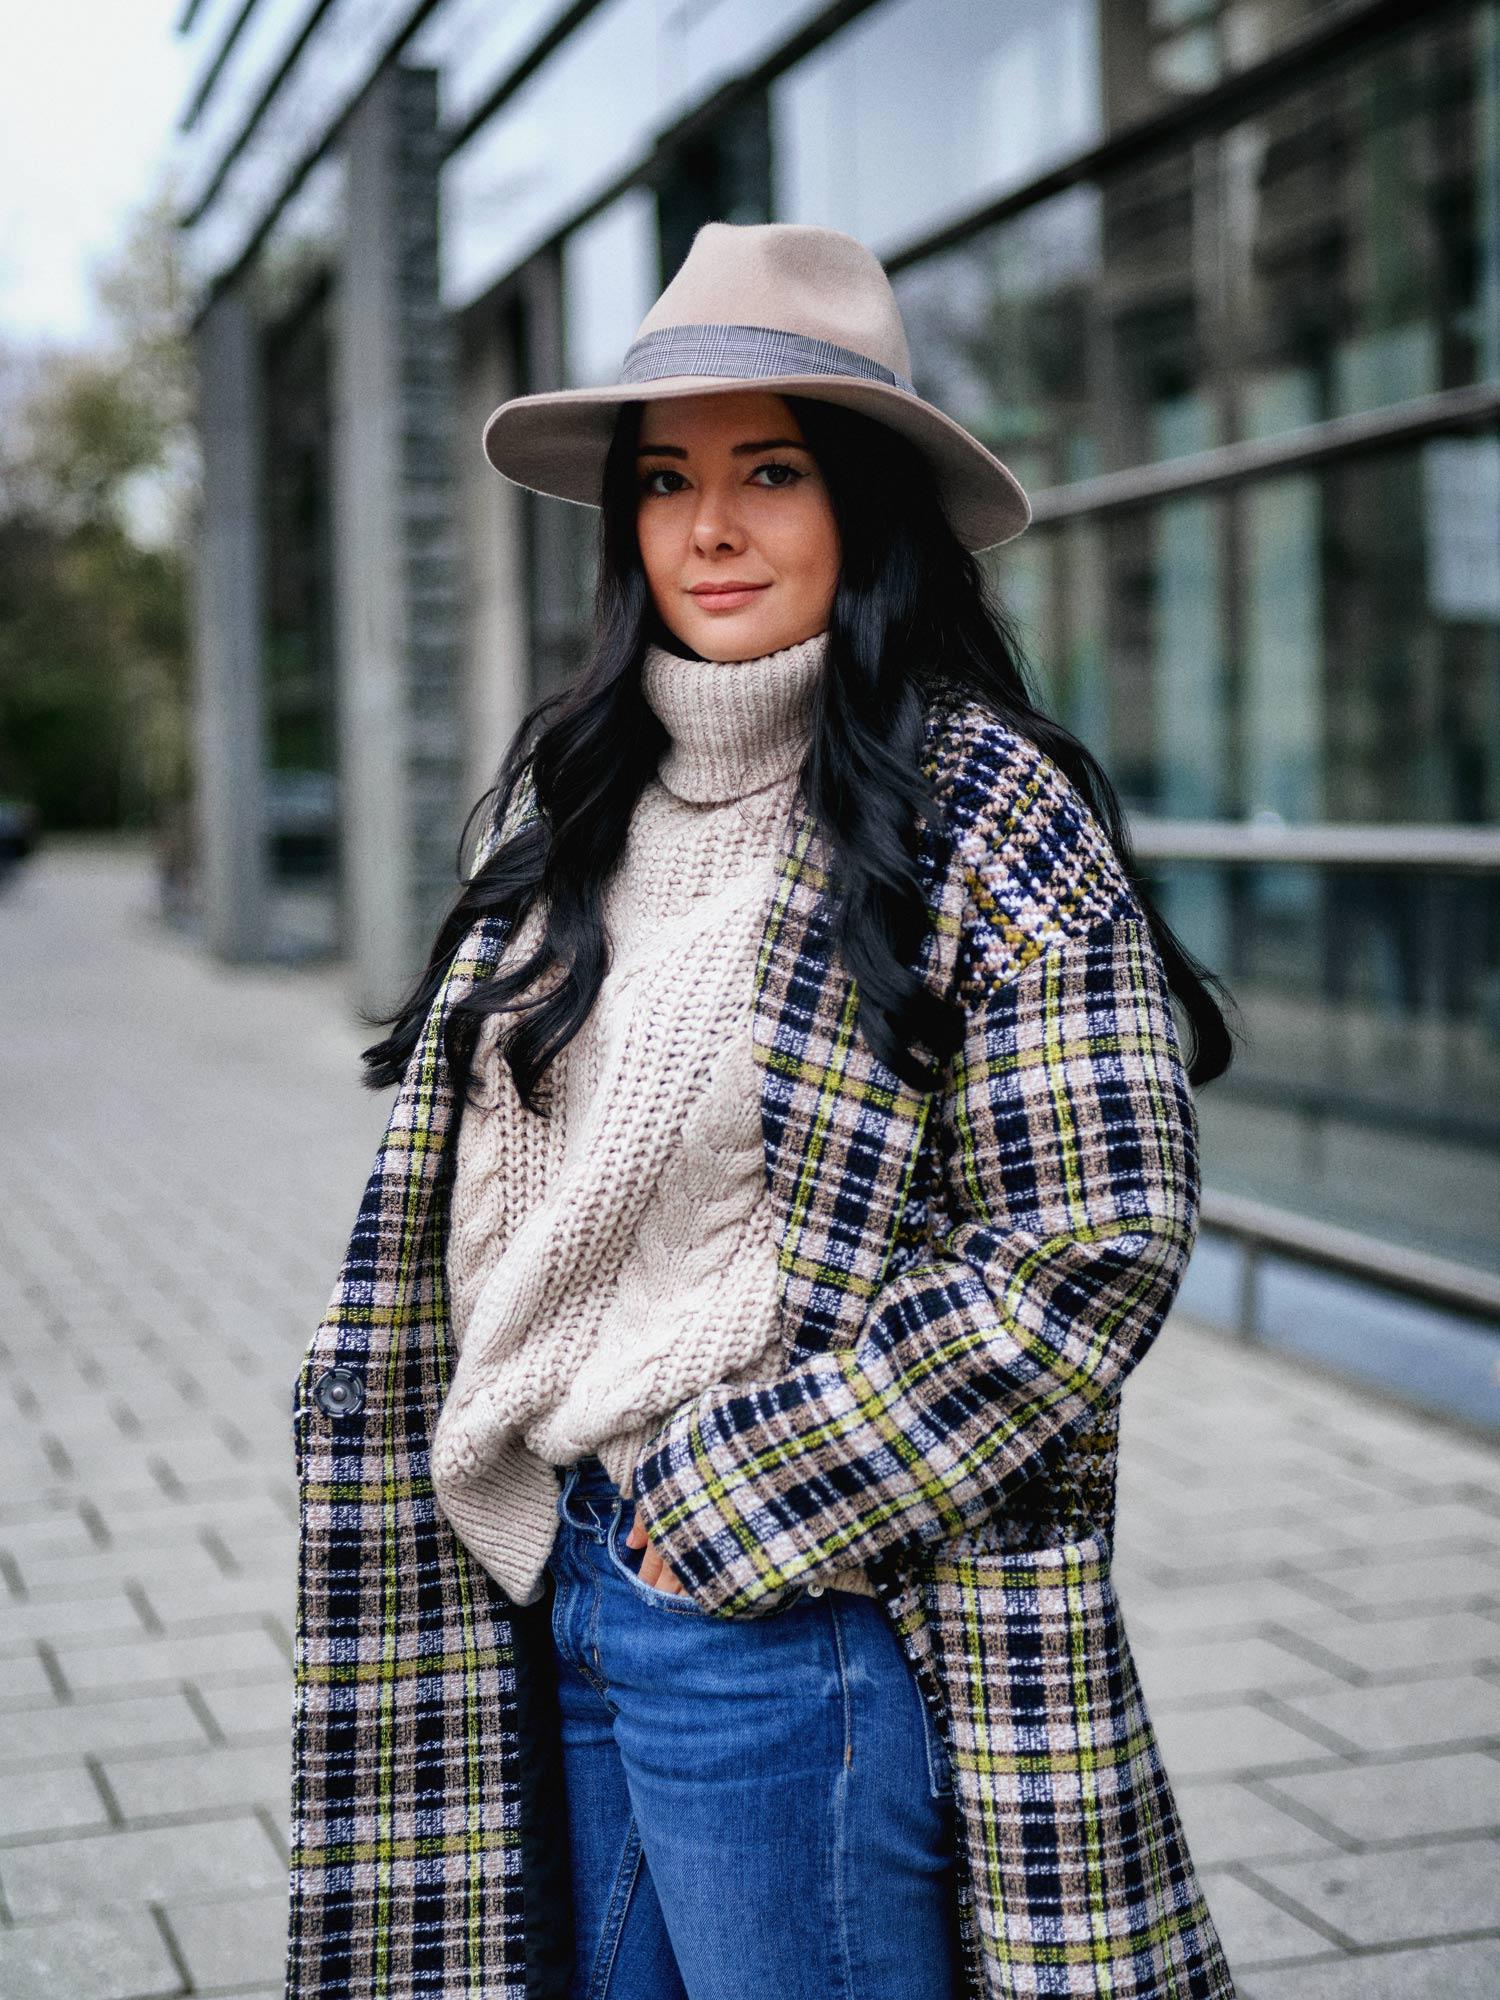 fashion-blogger-aus-muenchen-fashionblogger-lifestyleblogger-beautyblogger-fashion-blogger-modeblogger-modeblog-munich-blog-muenchen-glencheck-muster-der-karo-trend